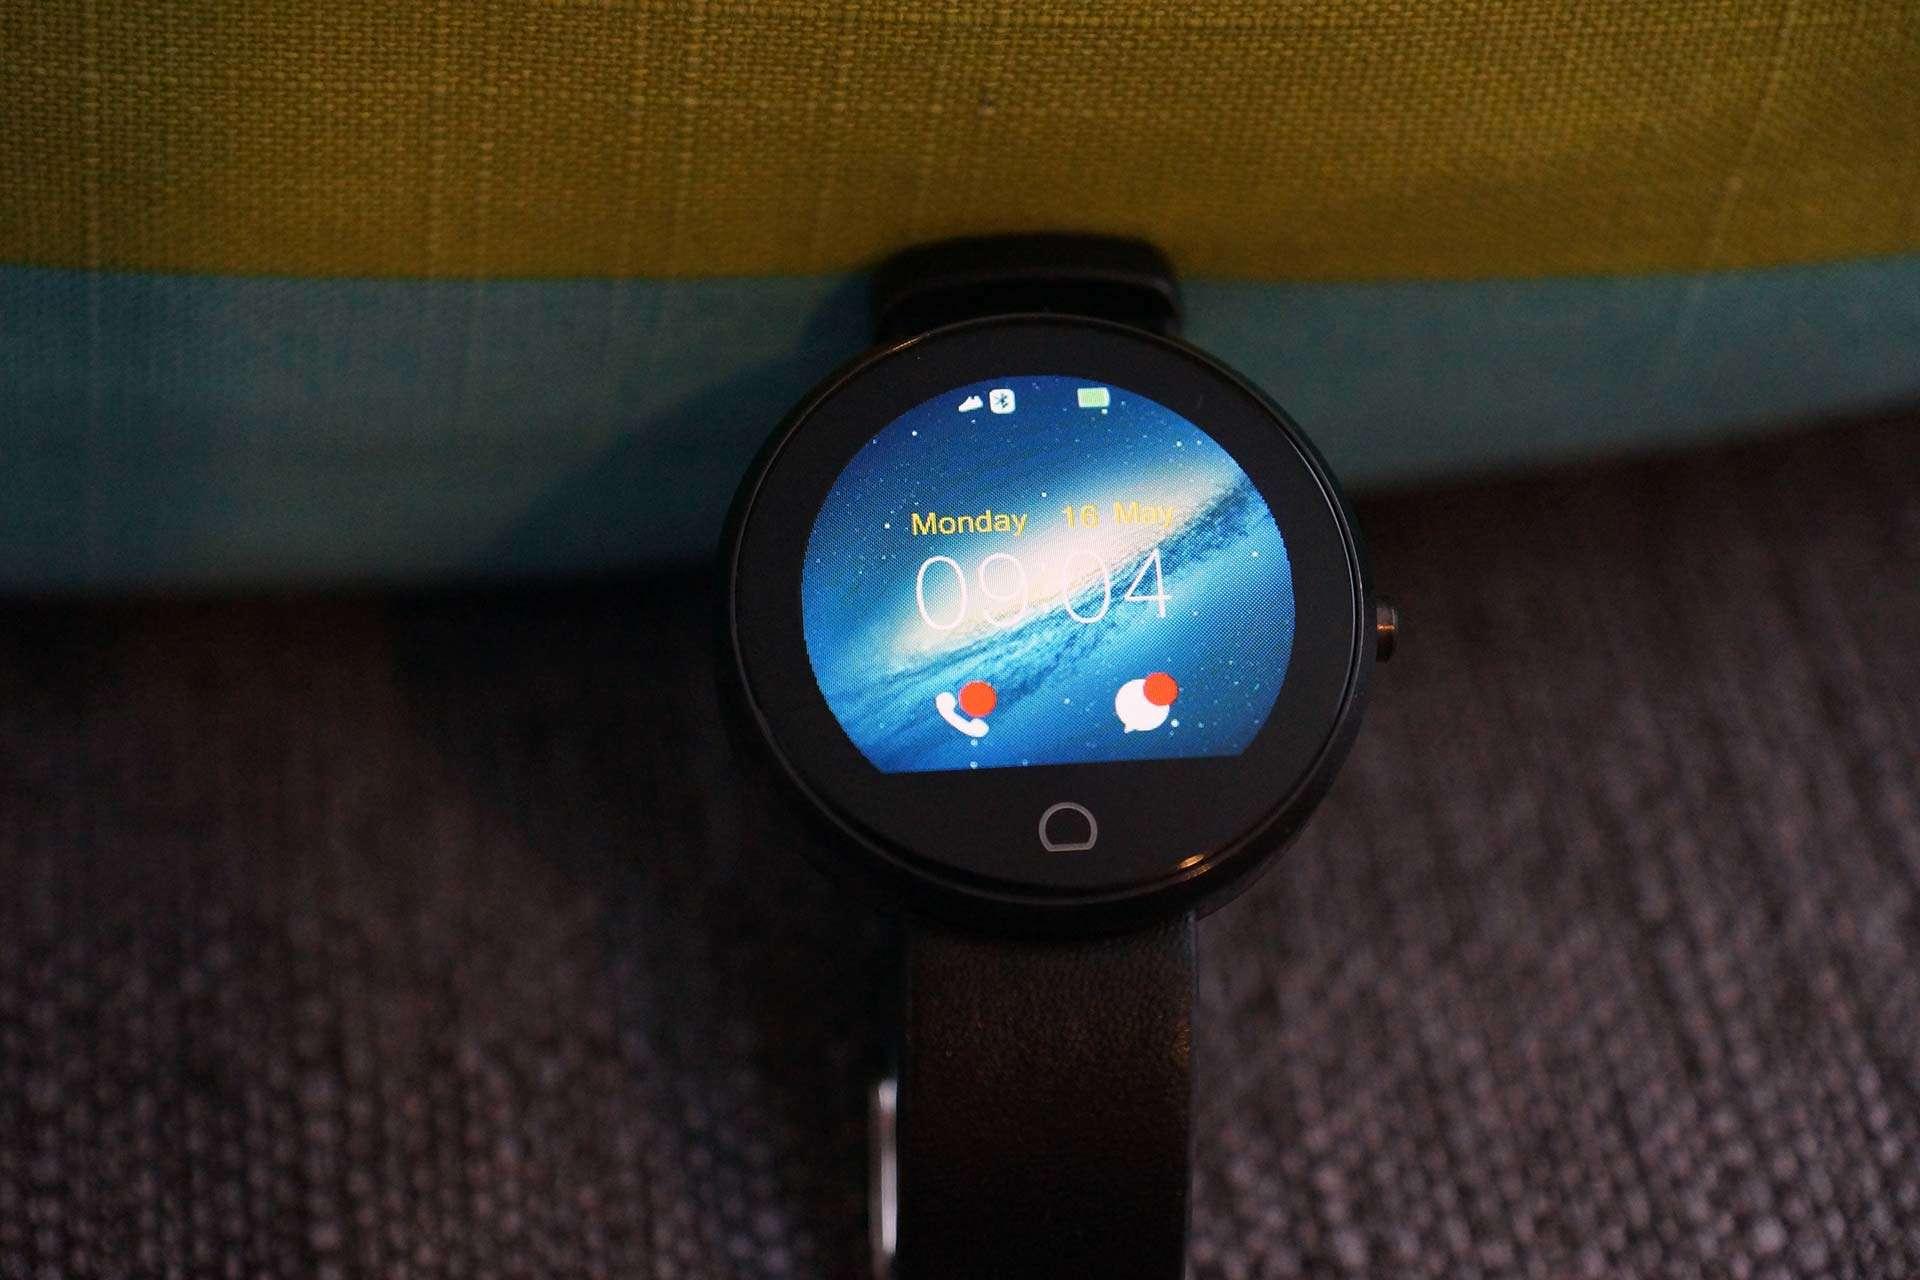 Haier G6 Smart Bluetooth Watch